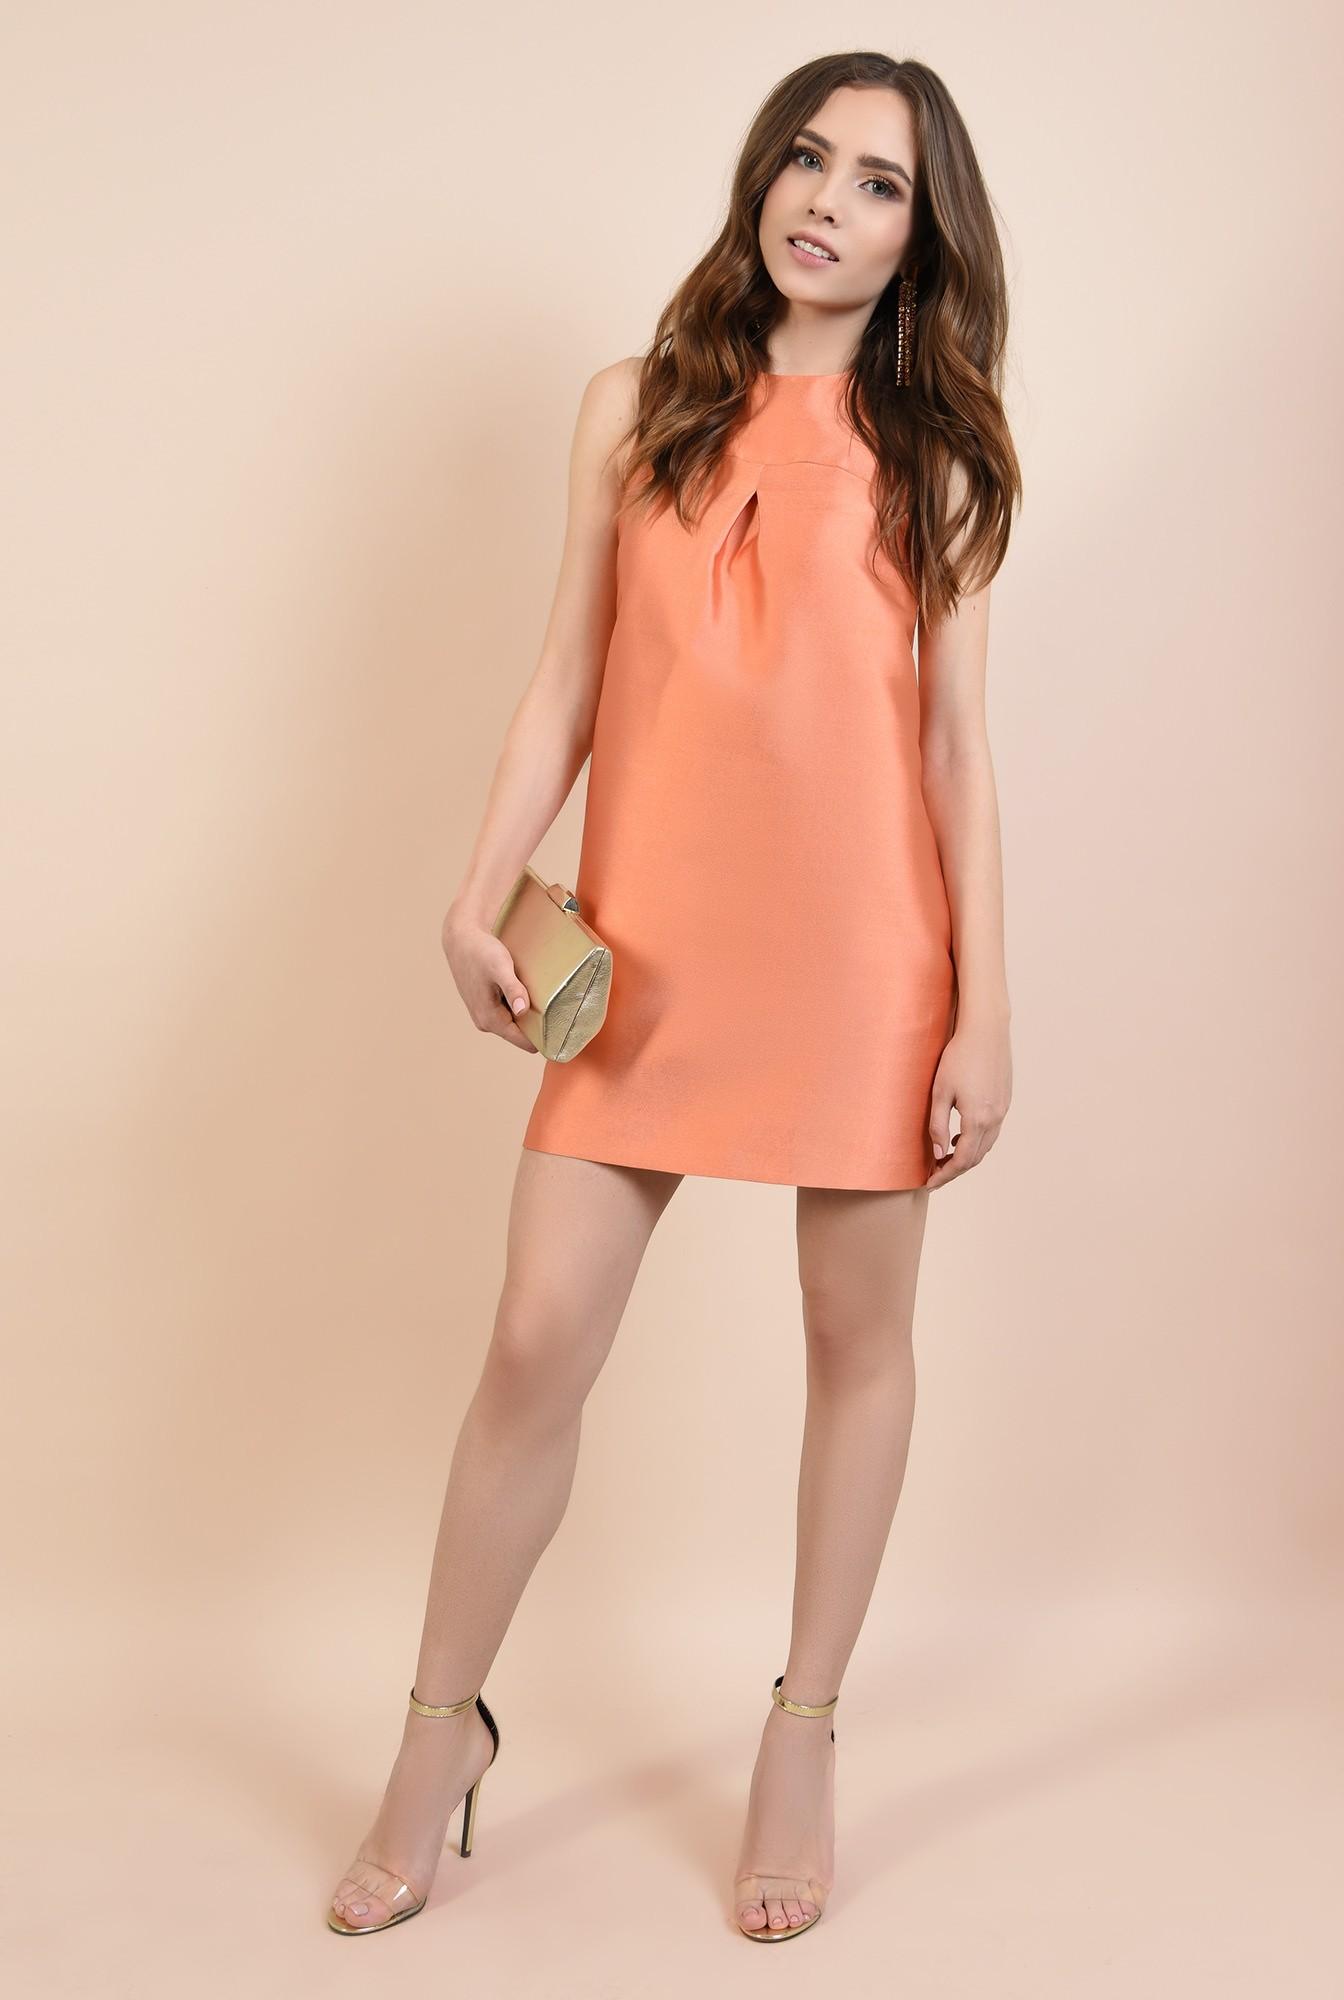 360 - rochie de seara, din tafta, orange, cu nasture fantezie, pliu decorativ